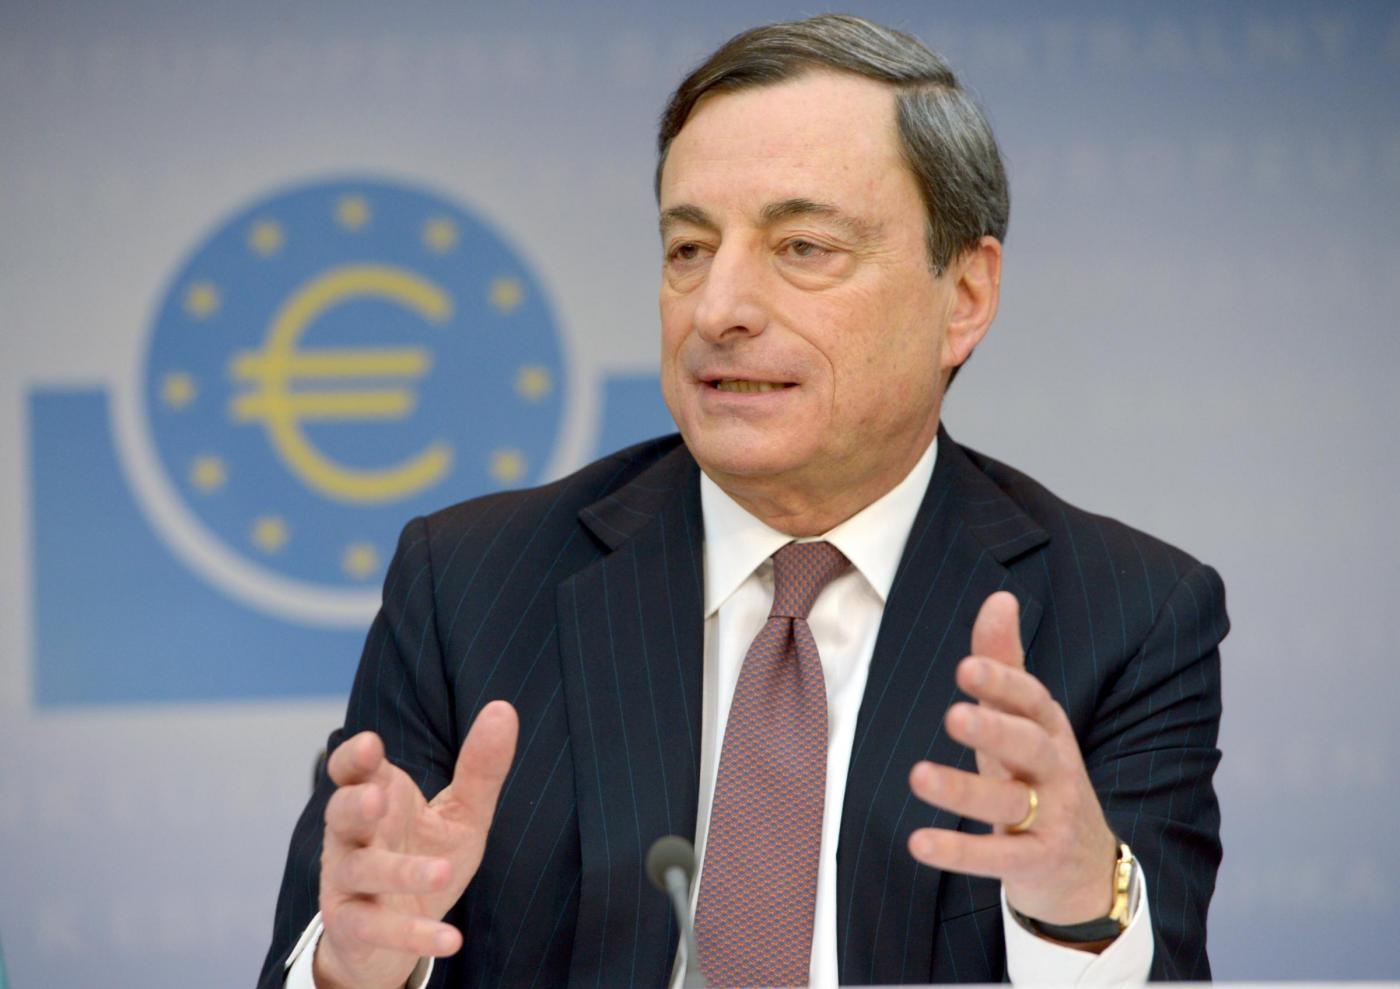 """Bce, Nomisma: """"L'Omt è l'unico motivo per cui la crisi dell'euro è rientrata"""""""